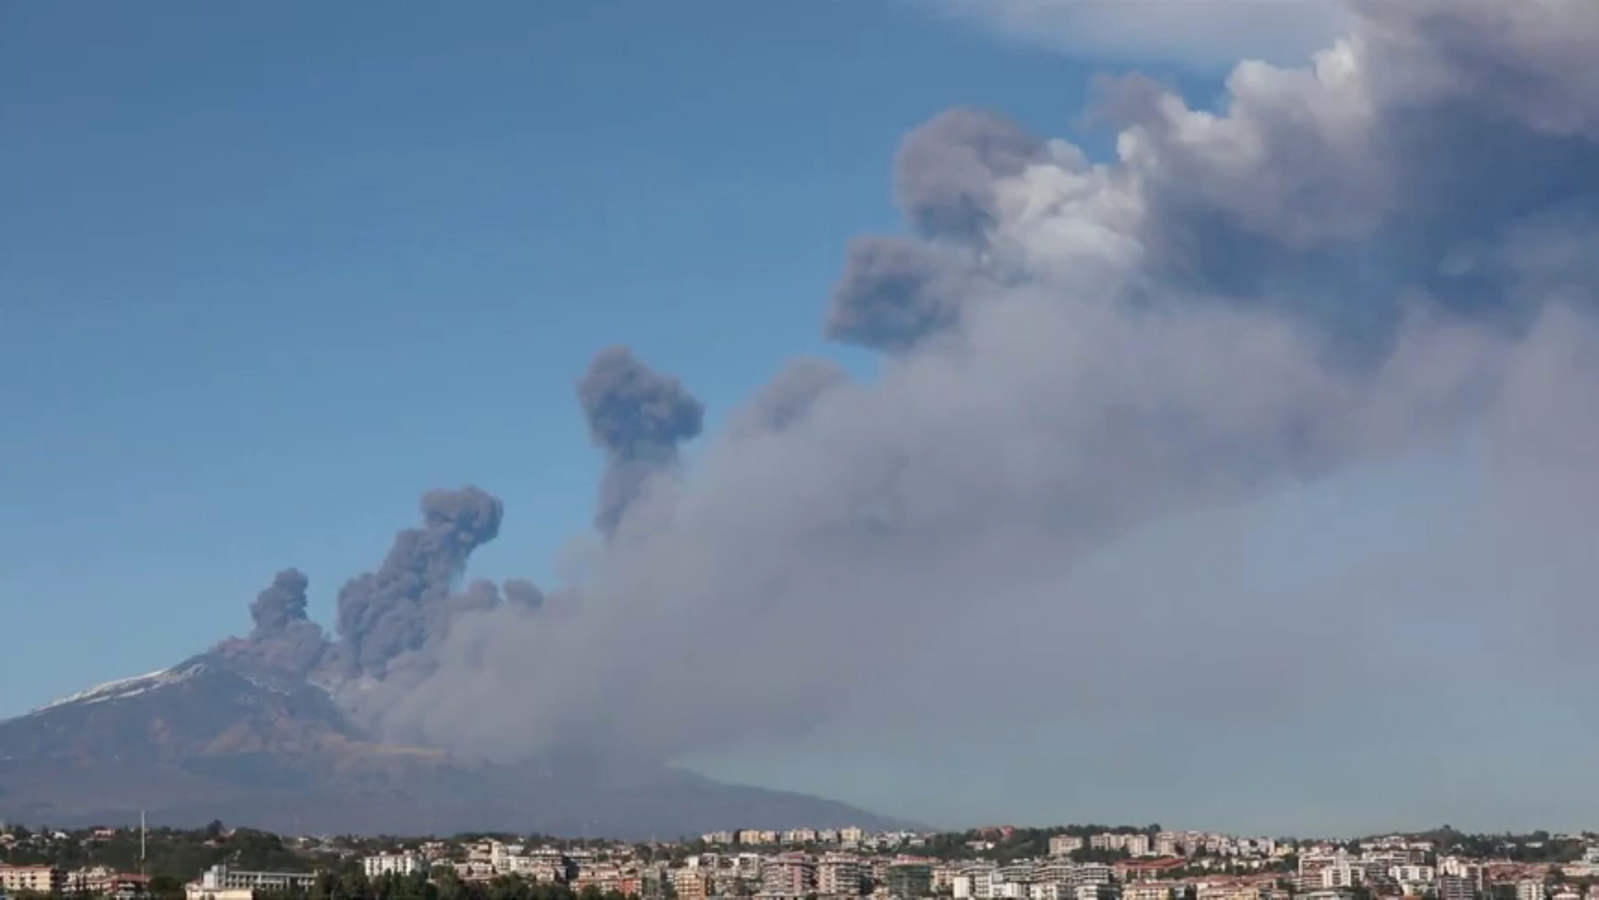 La erupción del Etna en Sicilia provoca sismos y columnas de cenizas